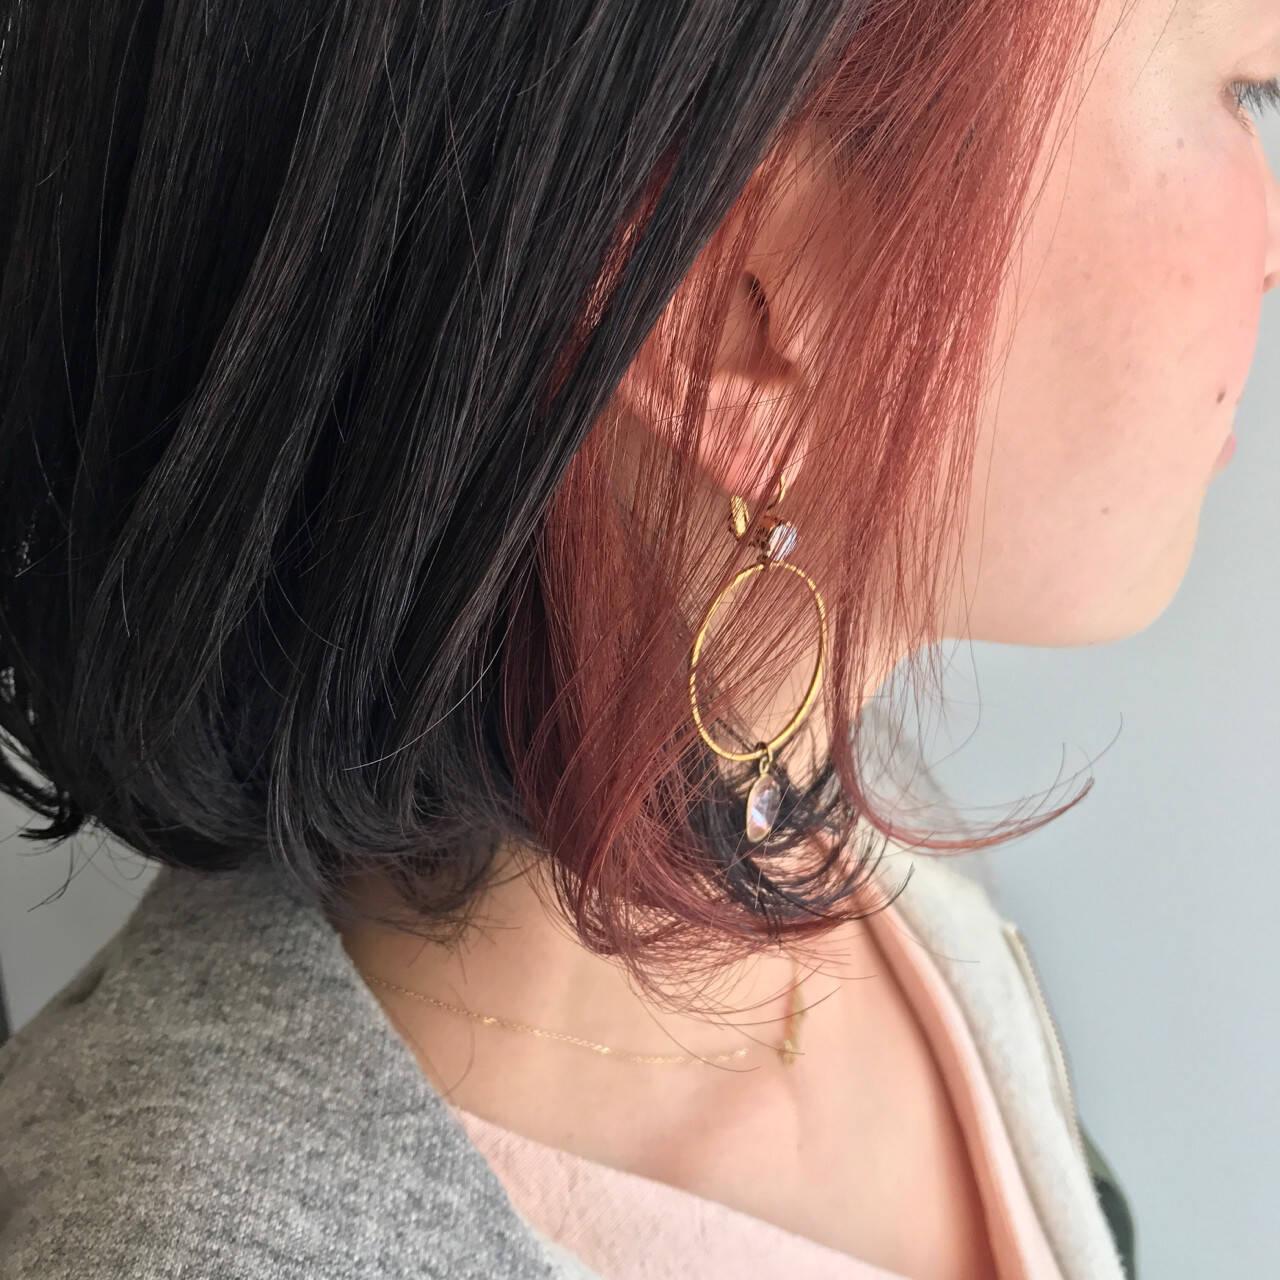 ガーリー 黒髪 ベリーピンク ボブヘアスタイルや髪型の写真・画像